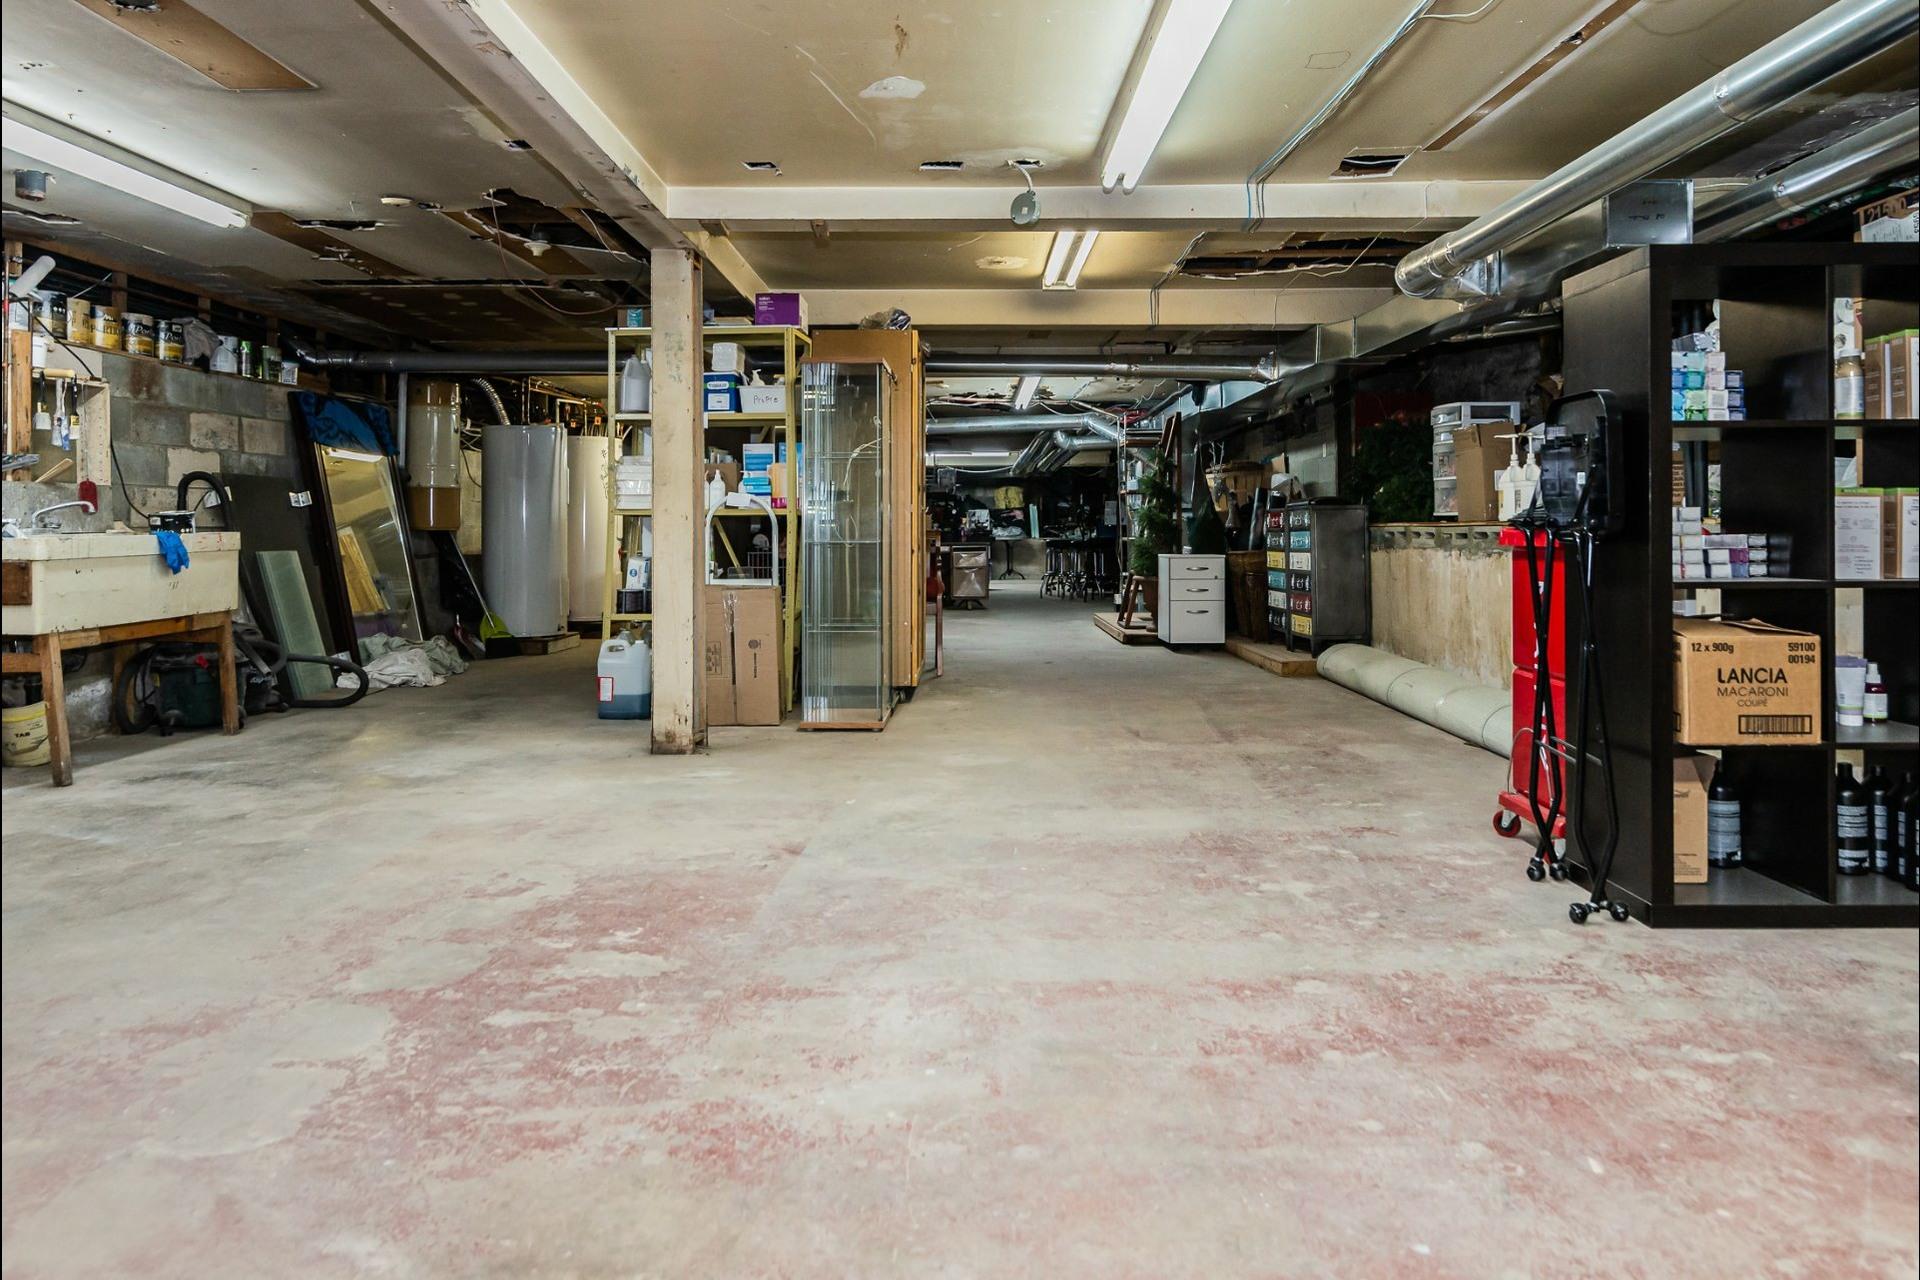 image 20 - Duplex For sale Lachine Montréal  - 4 rooms